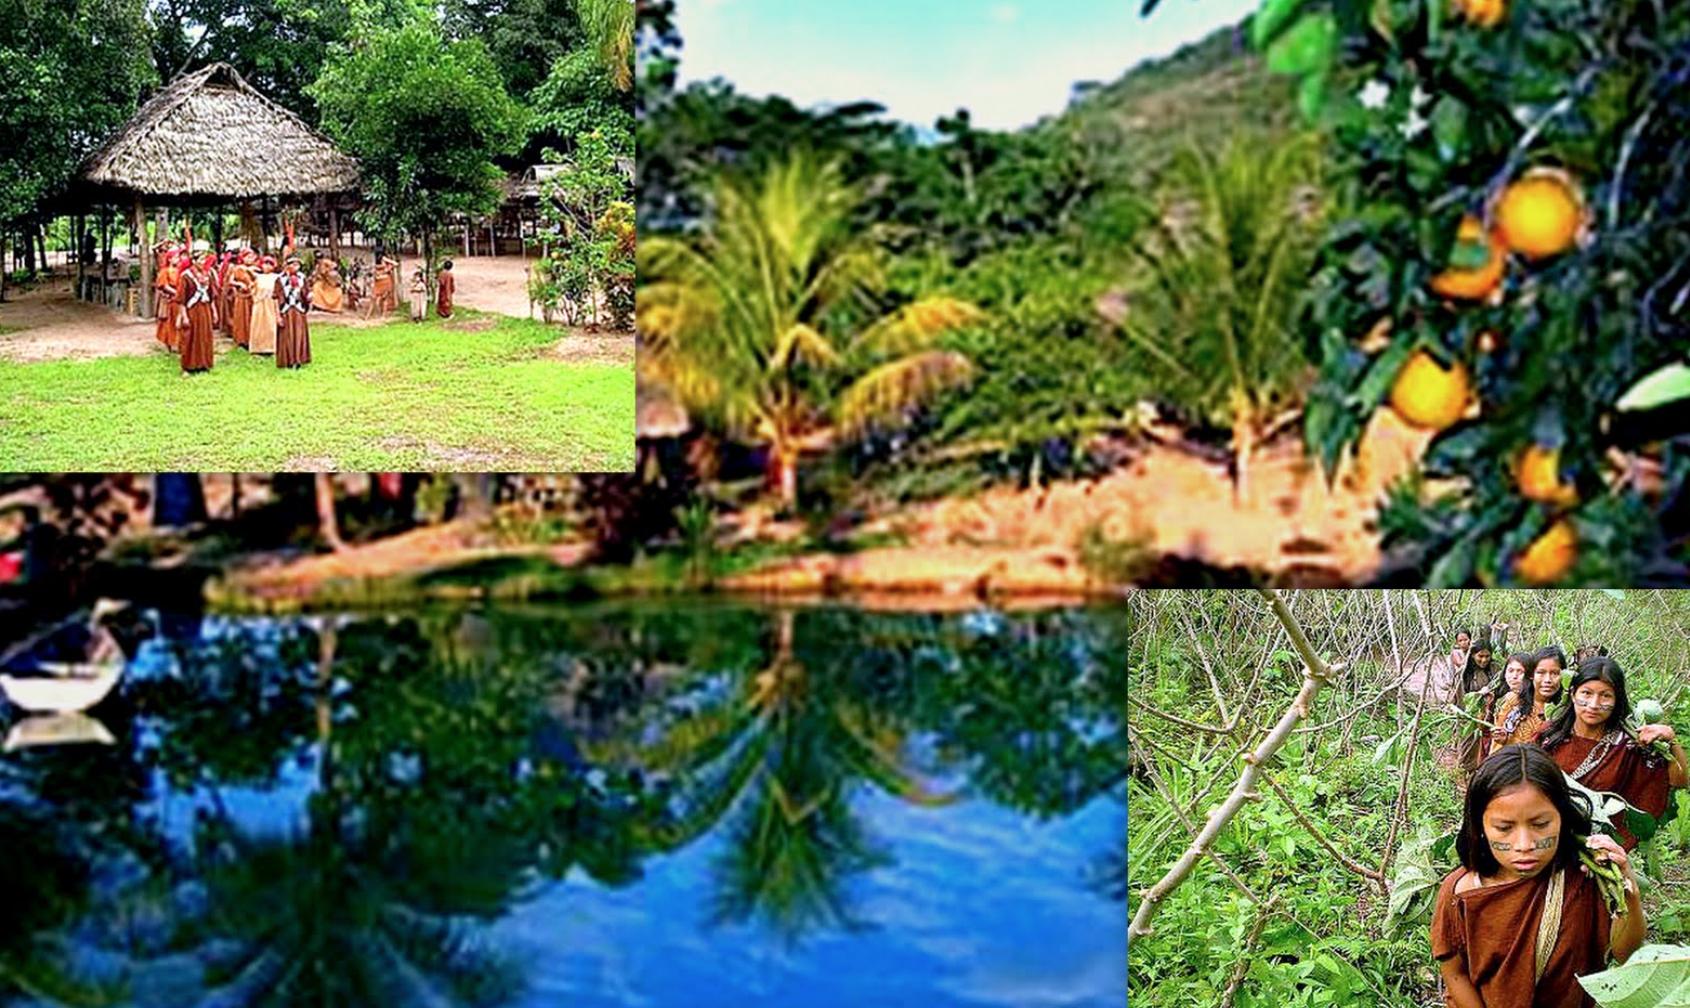 Las bellezas naturales de la Reserva de Biosfera -